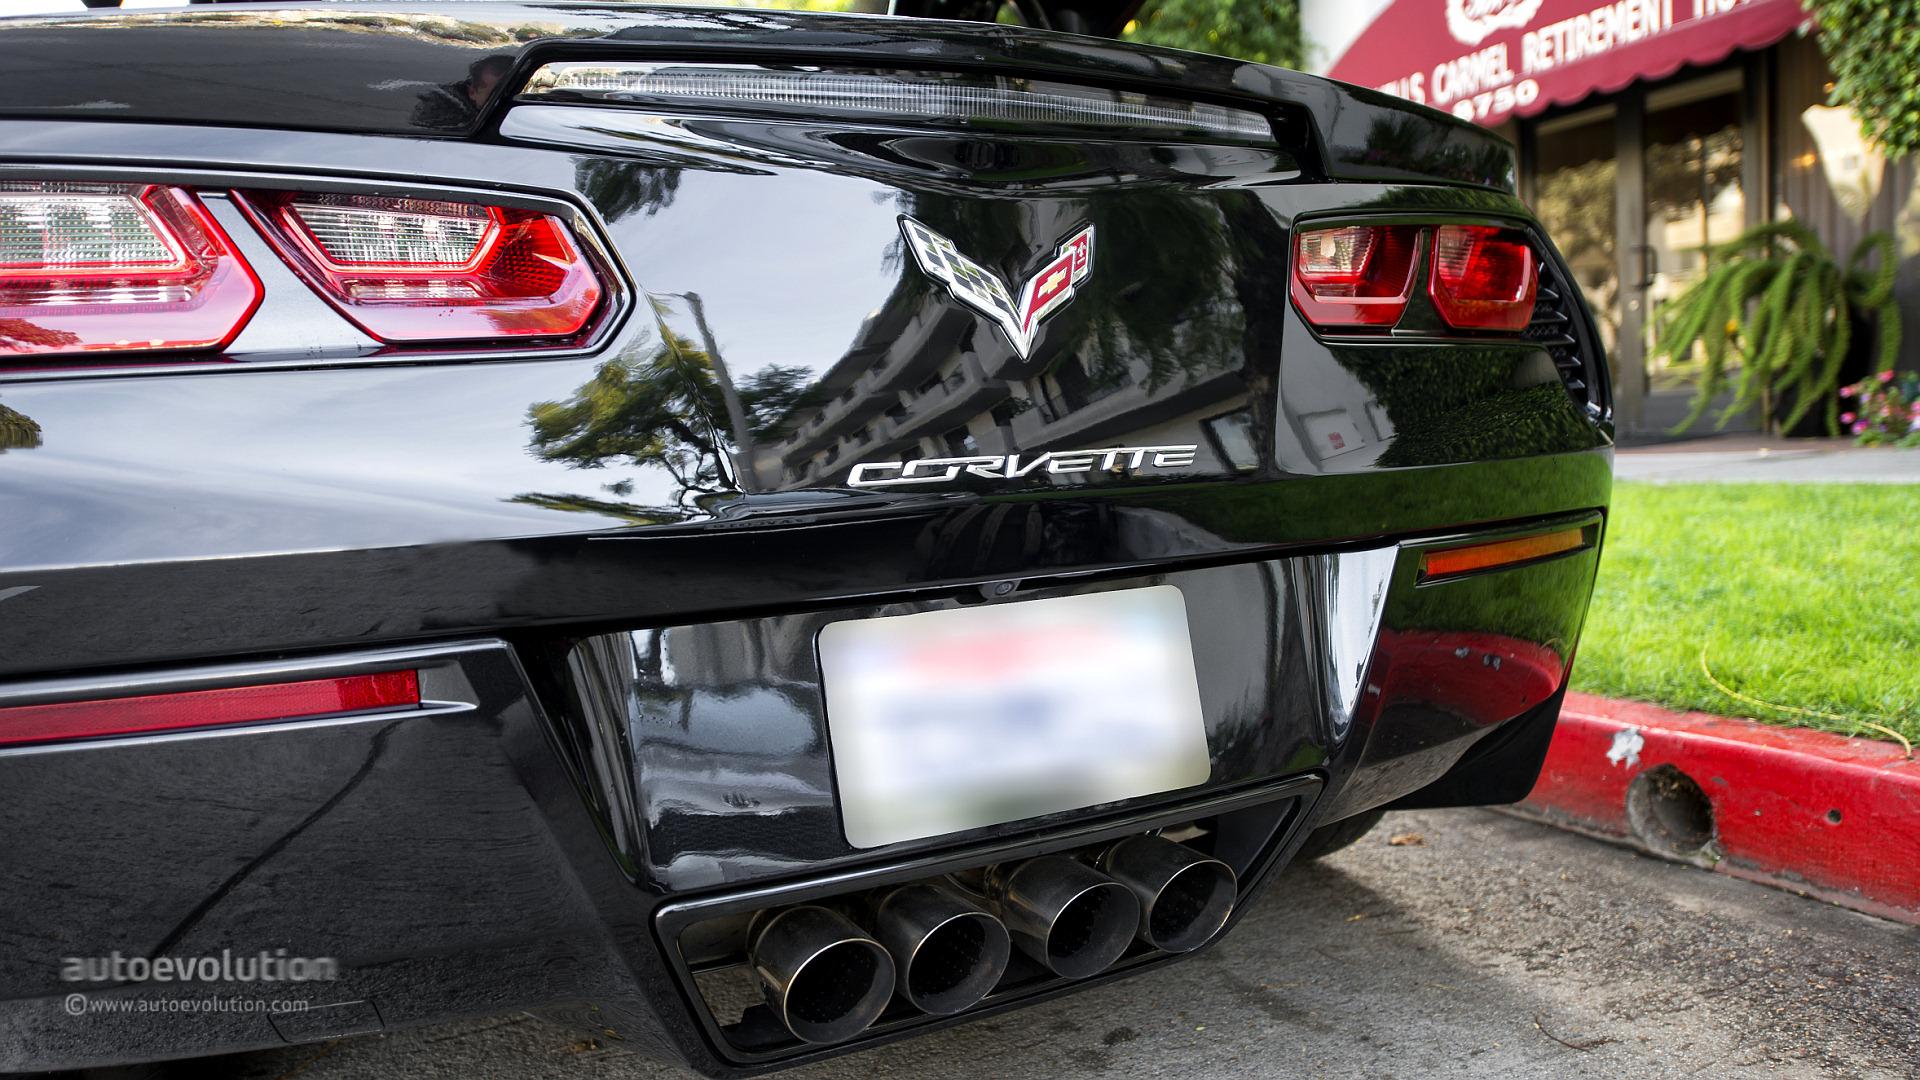 Manta Ray Car Corvette Manta Ray Trademarked